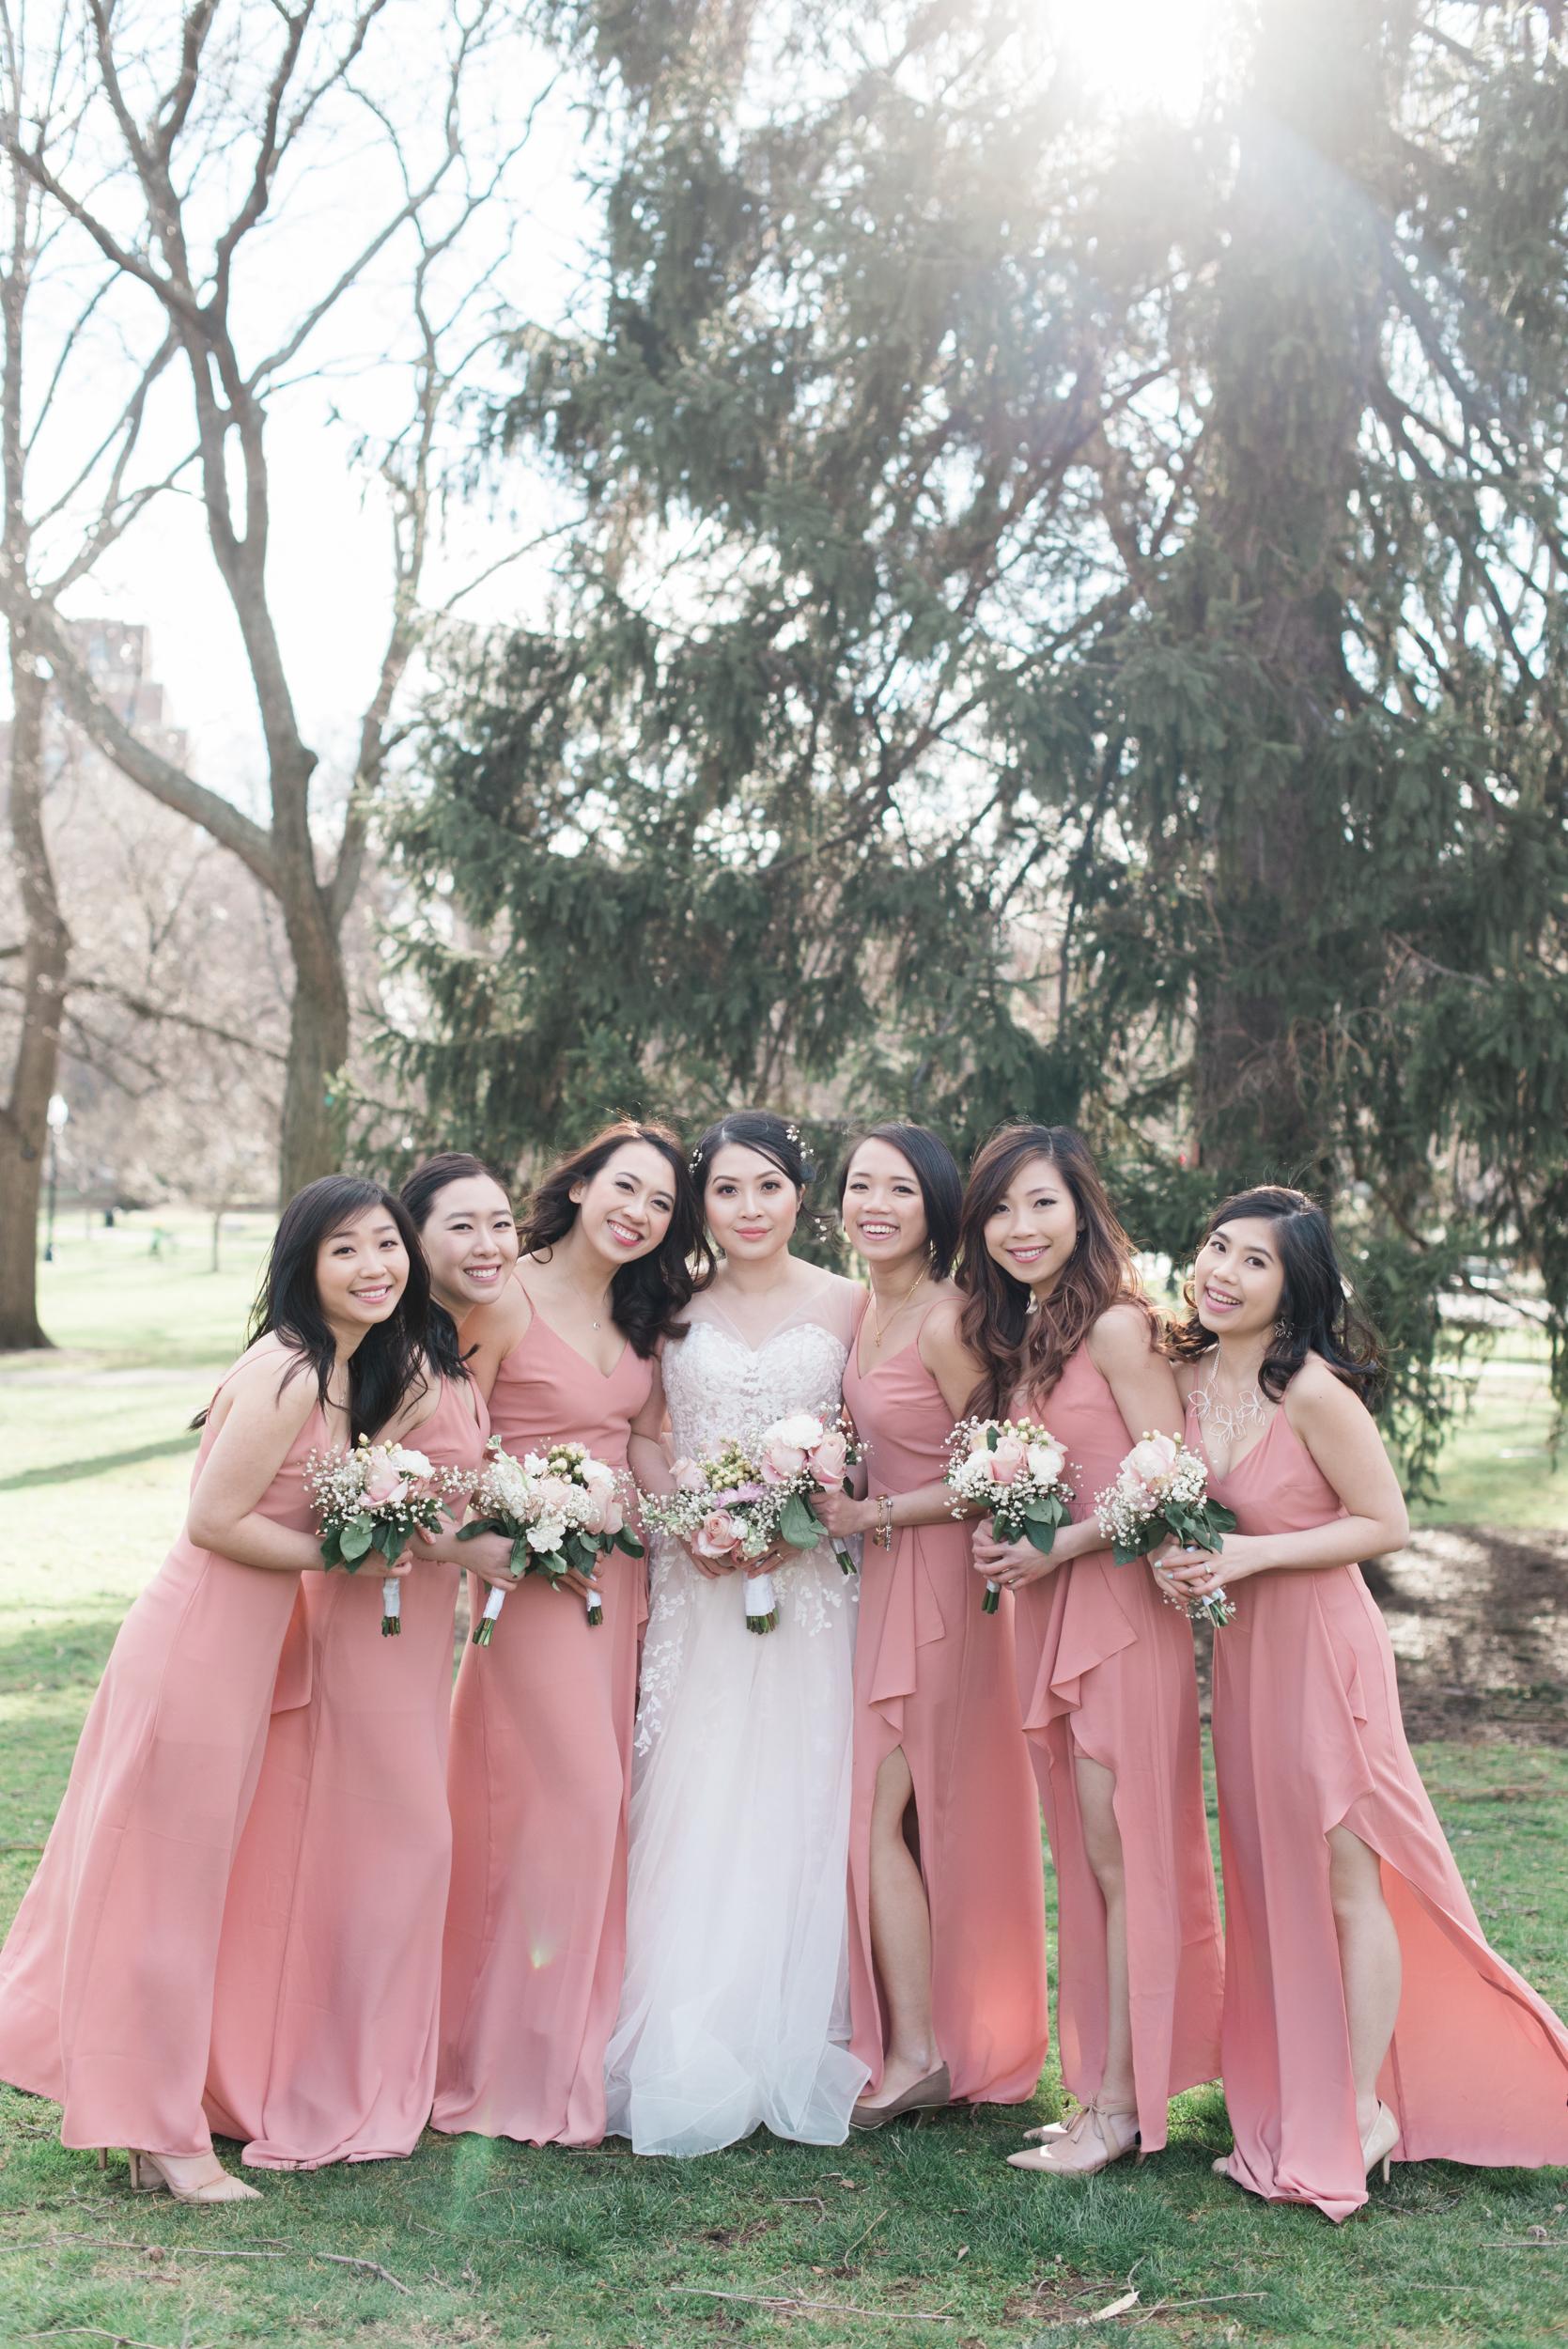 Bridesmaids portraits in Boston